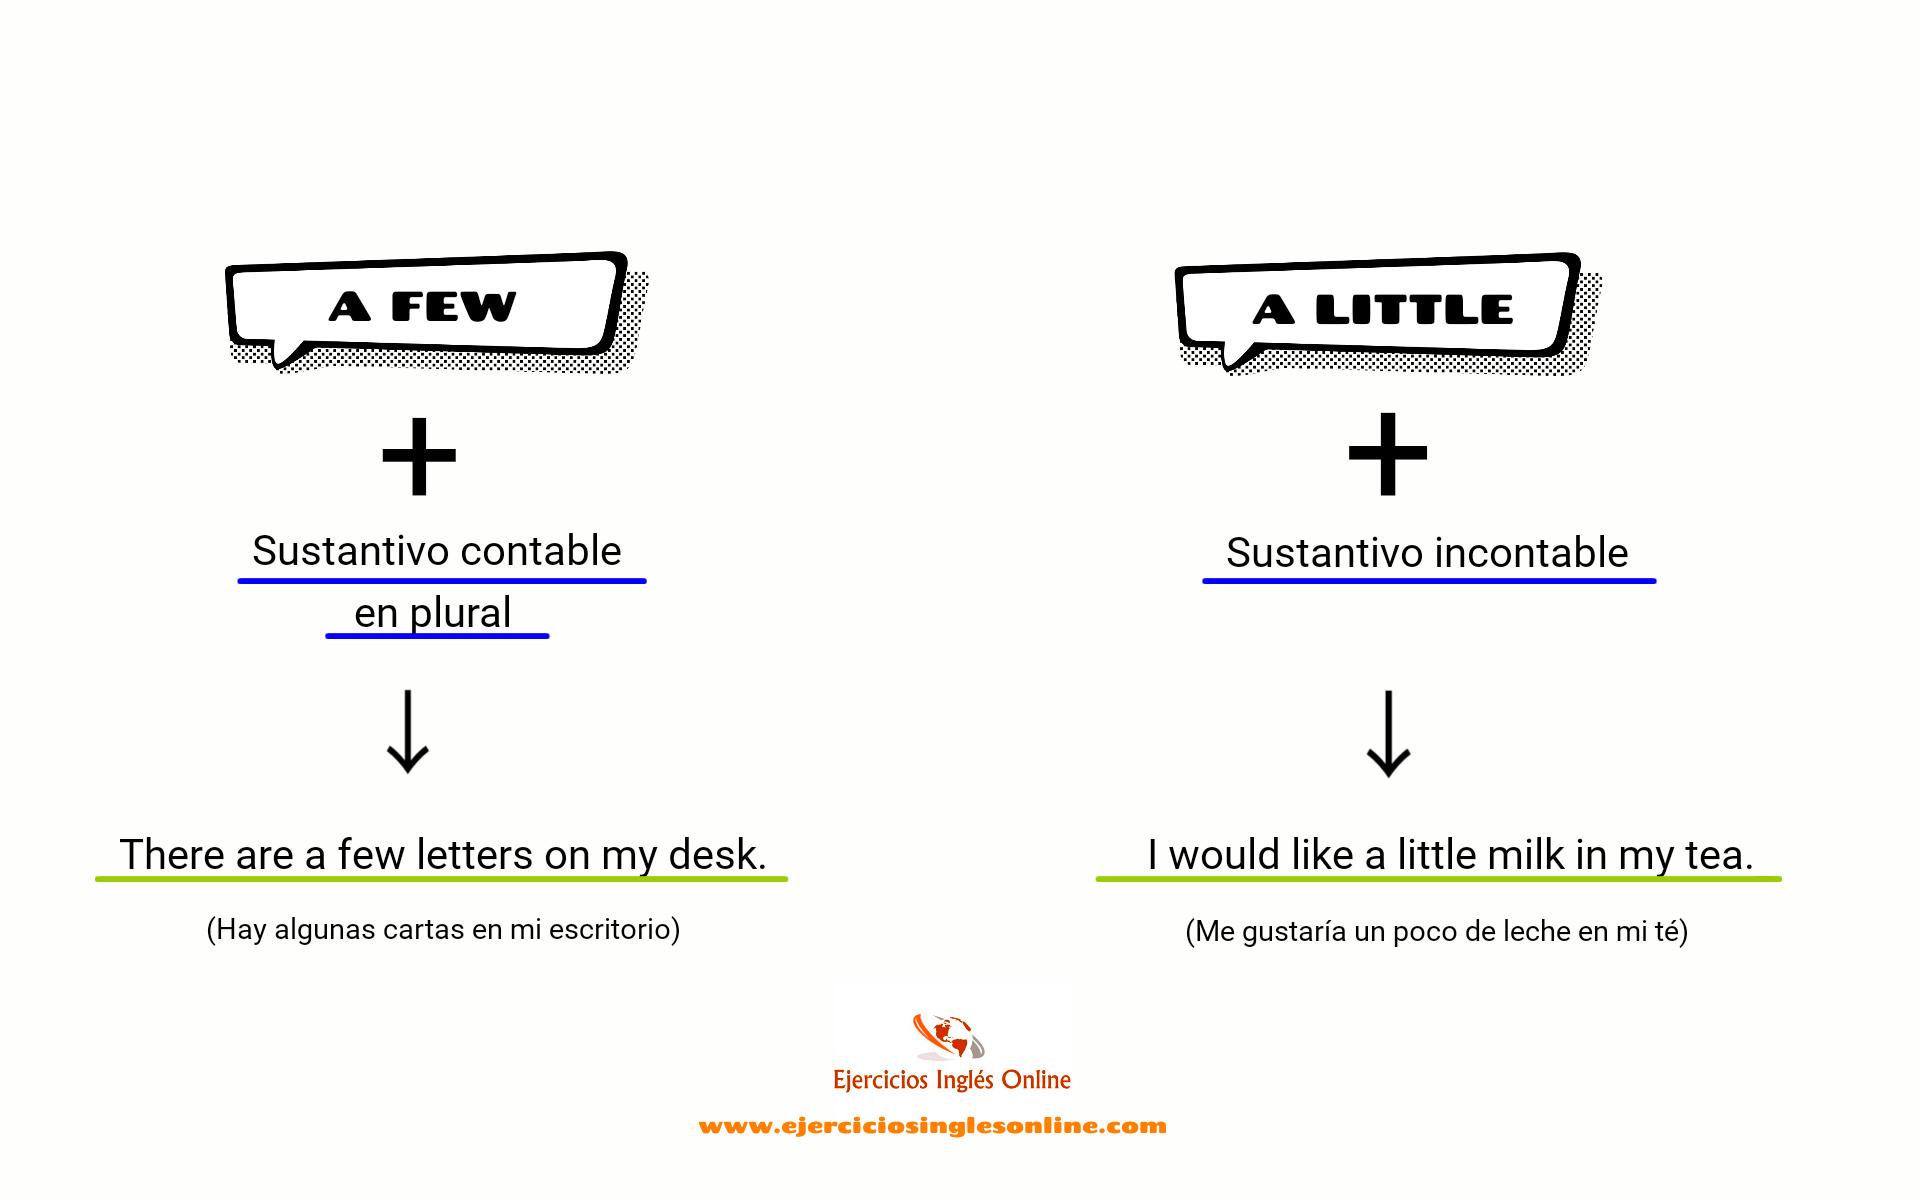 A Few A Little Uso Y Explicación Ejercicios Inglés Online